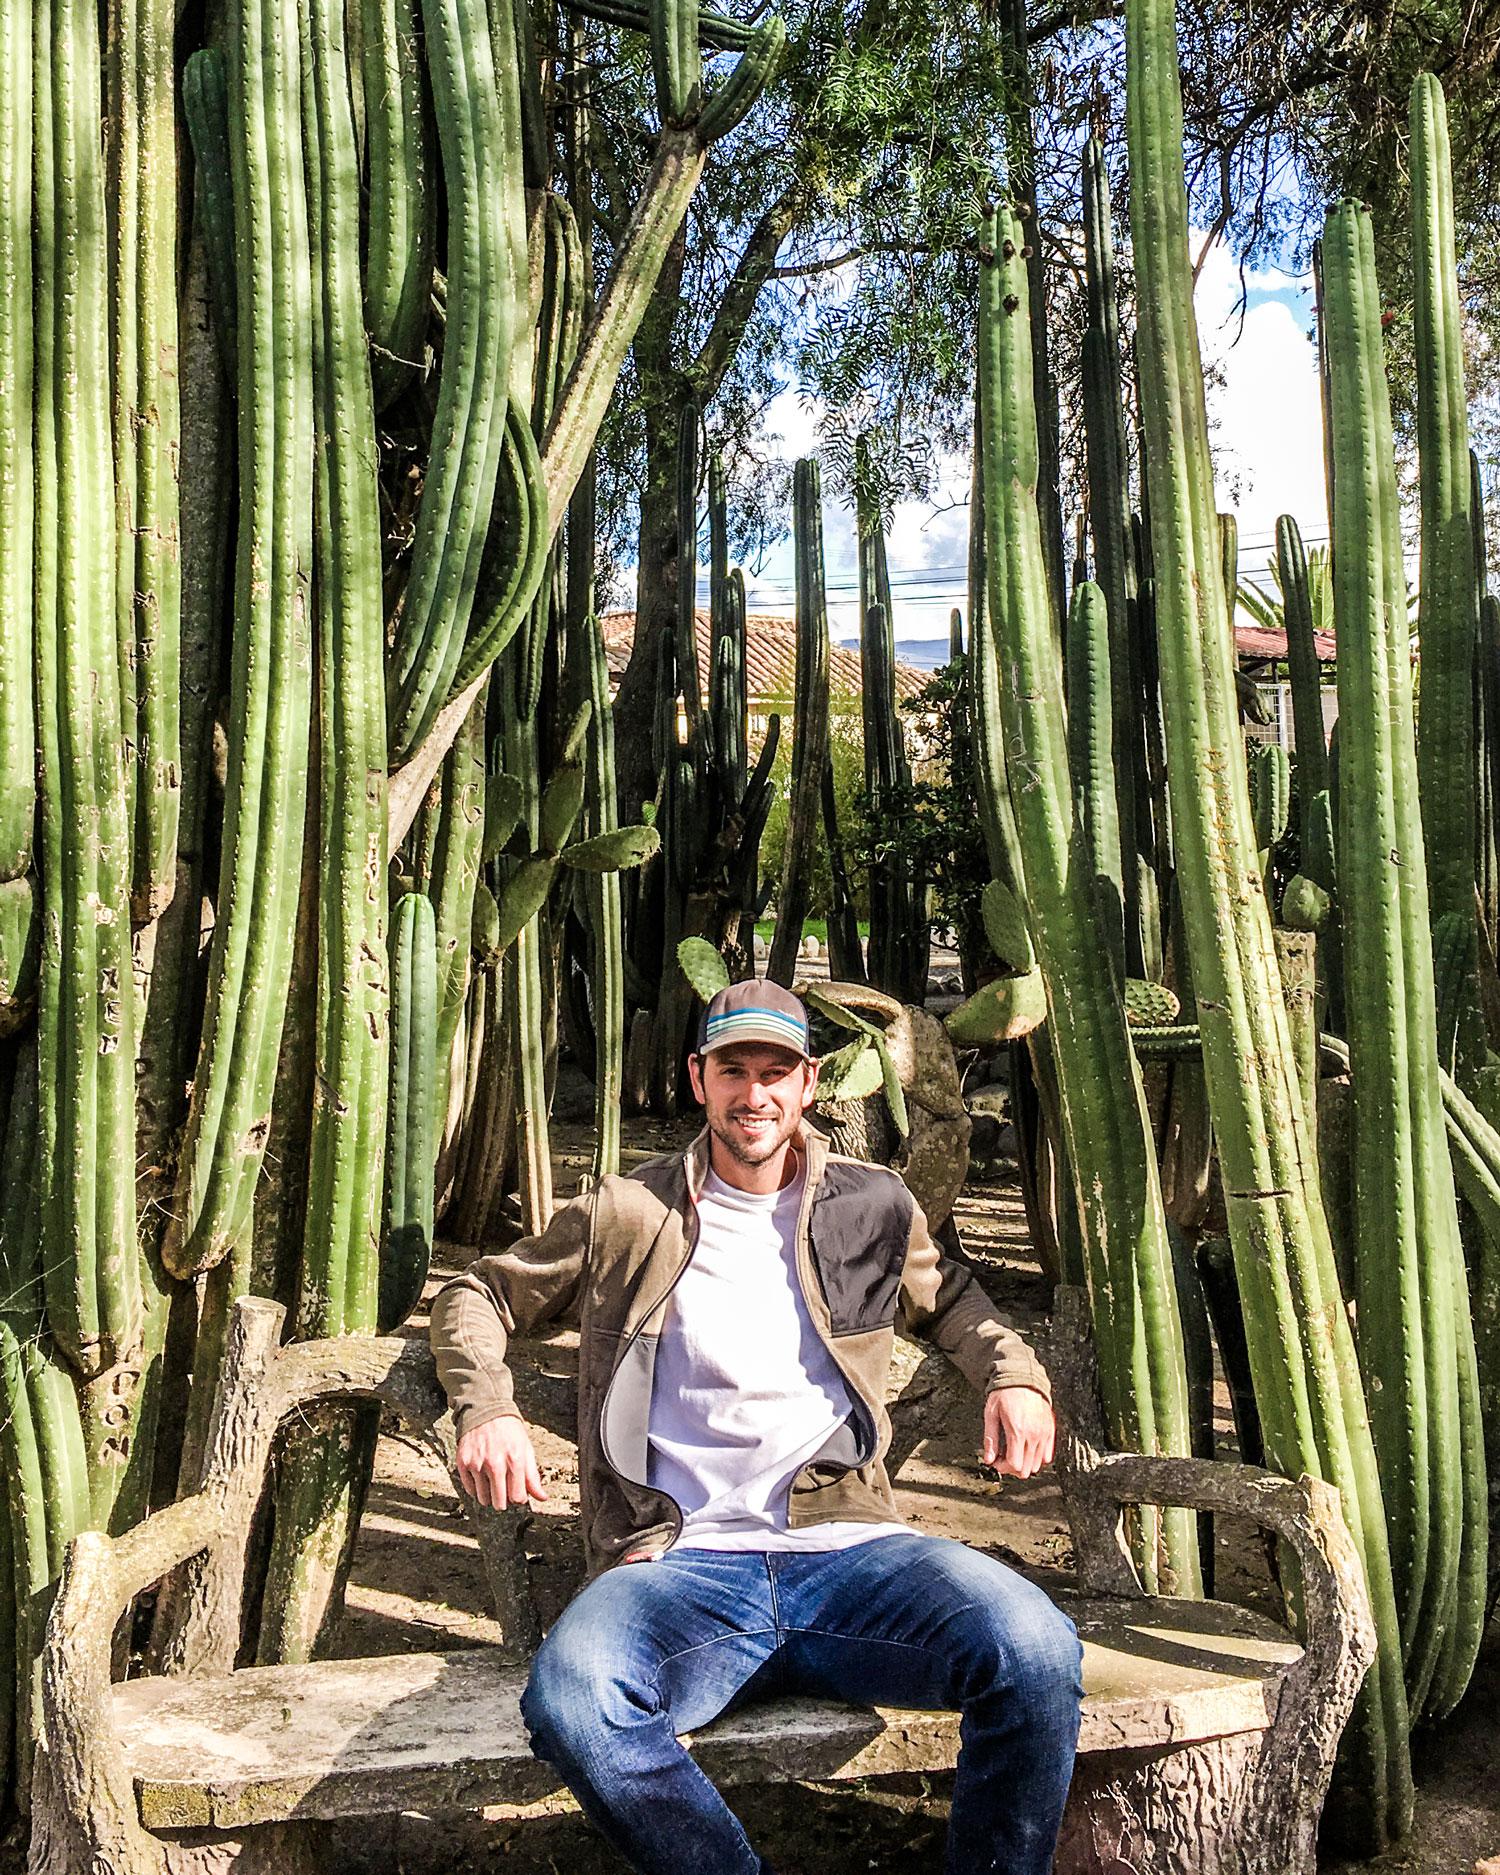 salcedo-ecuador-wander-south-tyler-cactus-garden.jpg